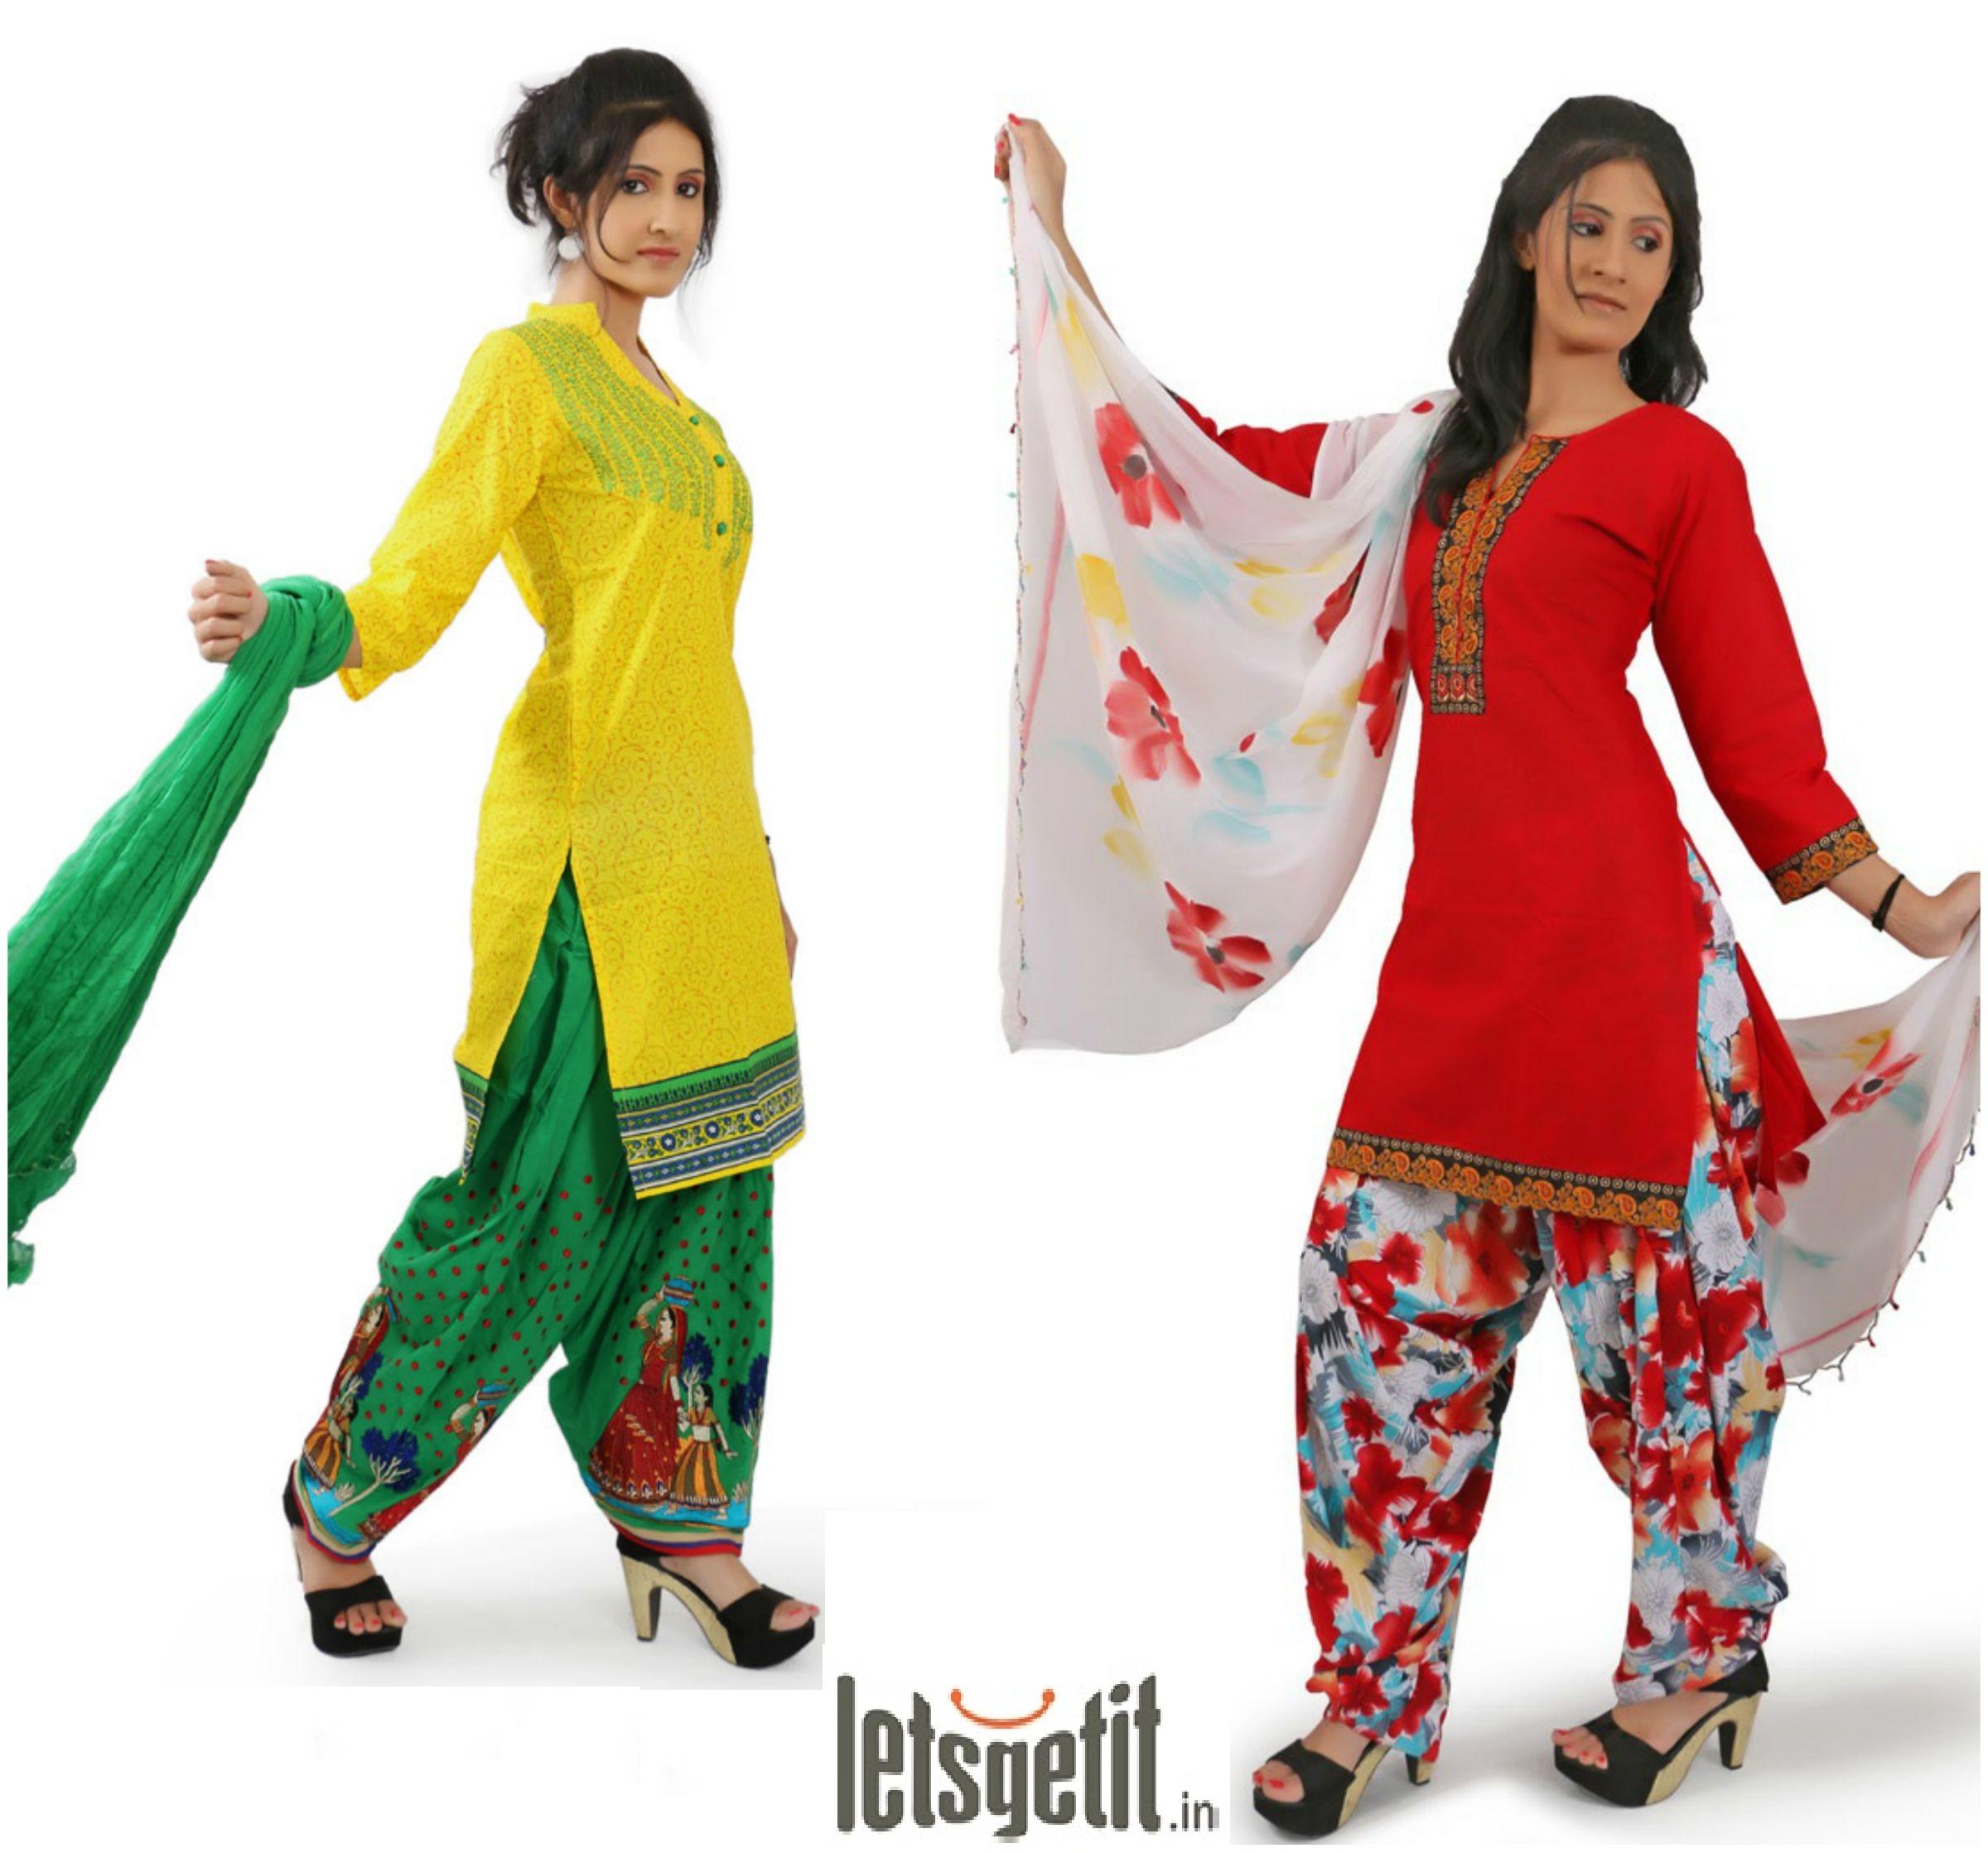 Fashion clothing online shopping india 5